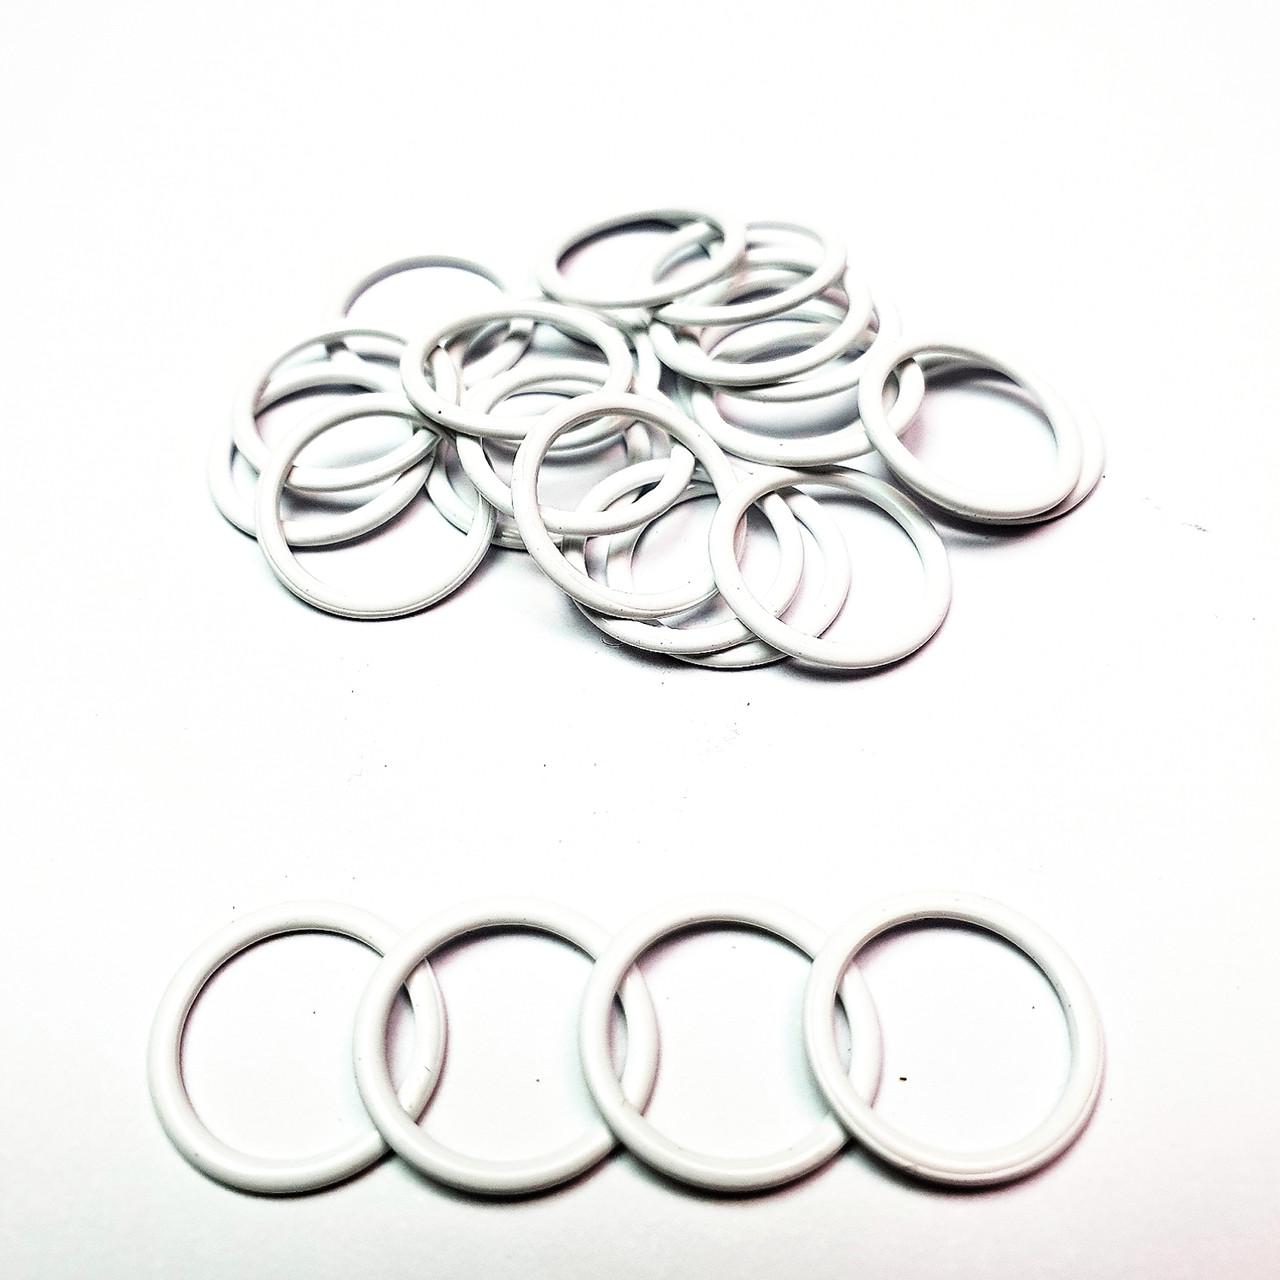 Кільце для бюстгальтера, для бретелей, регулятори 15мм метал білий (Фарбований емаль) (20 шт/уп).